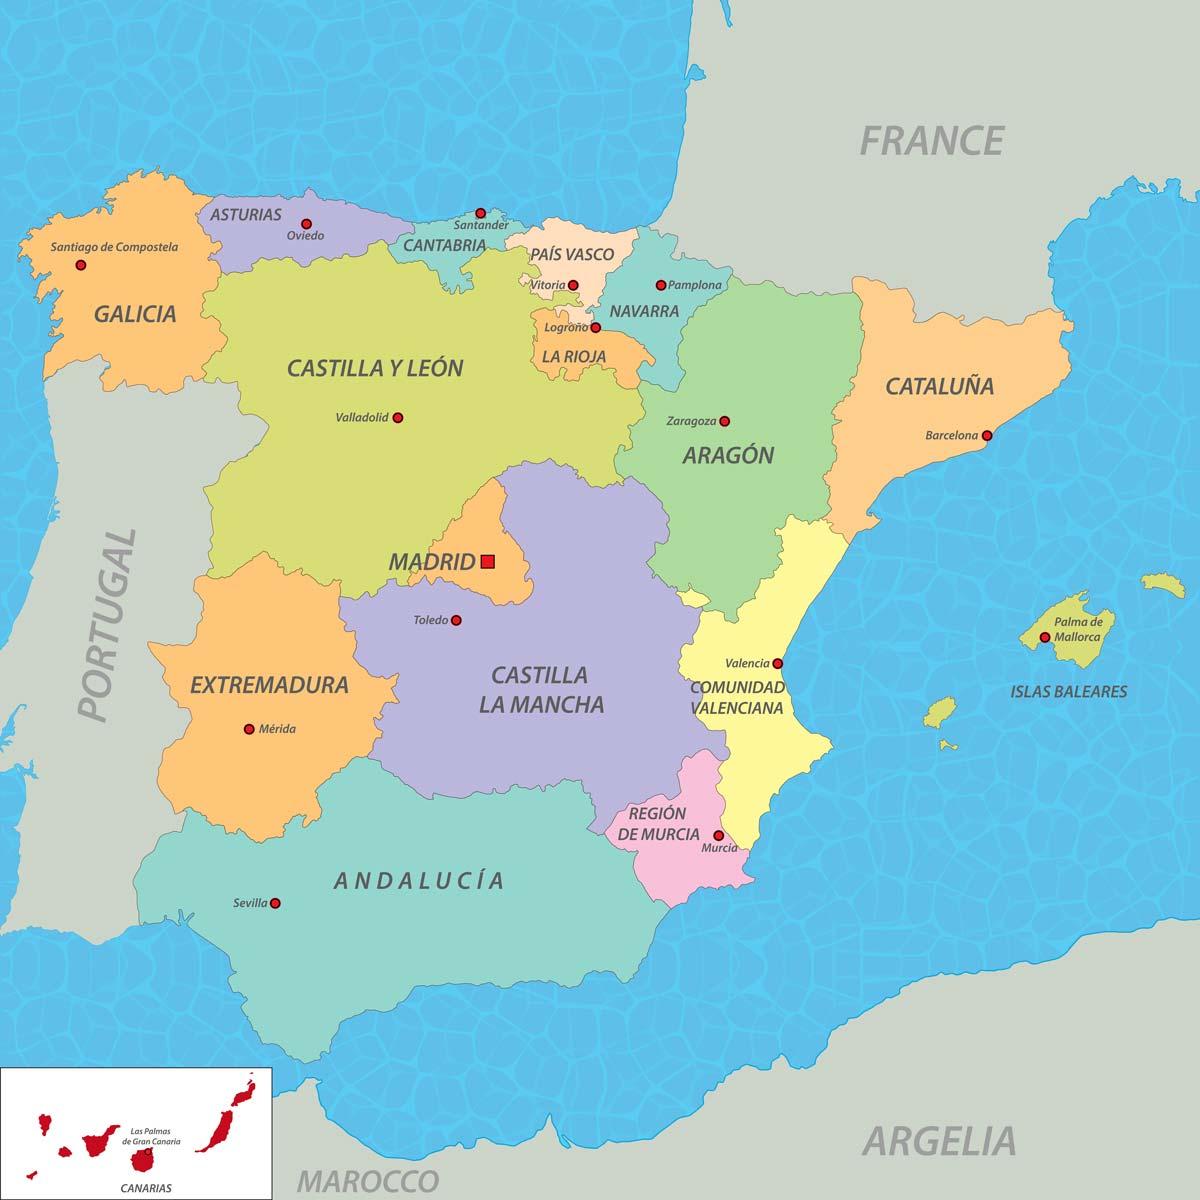 Cartina Spagna Con Regioni E Capoluoghi.Mappa Della Spagna Informazioni Generali Cartina Dati Europa